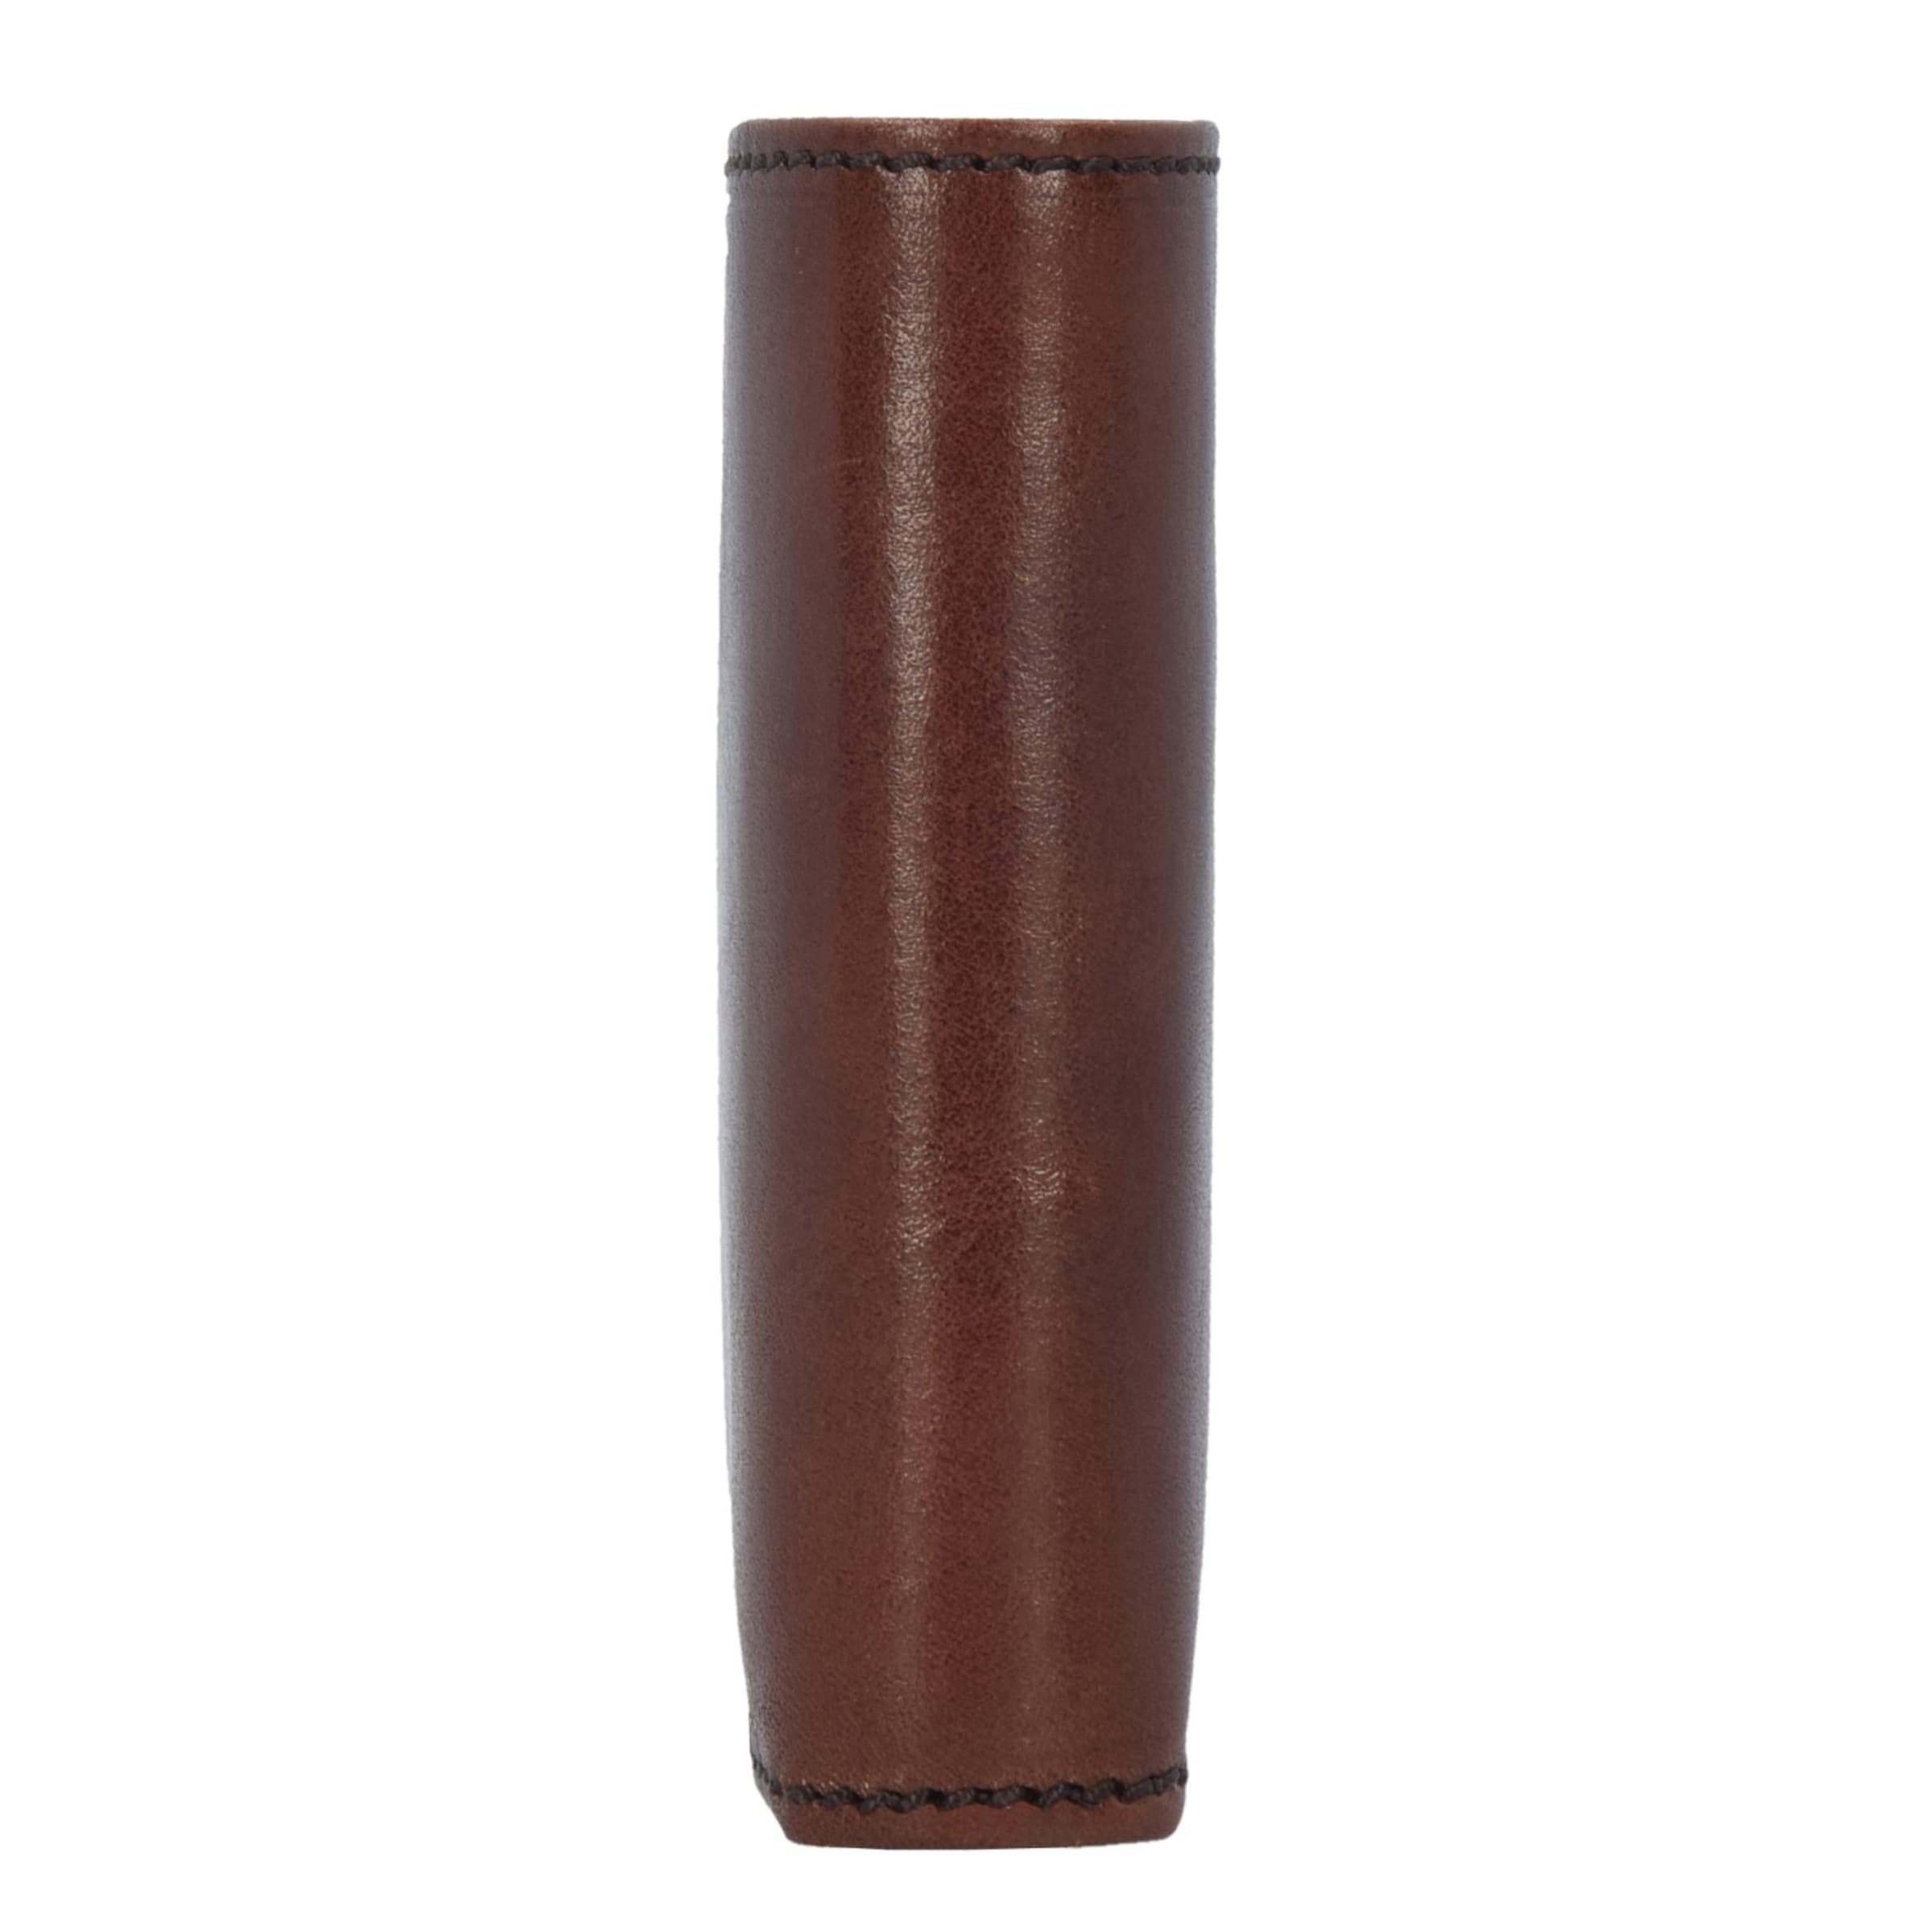 Verkauf Rabatte Rabatt Billigsten The Bridge Story Uomo Geldbörse Leder 11 cm Spielraum Sehr Billig KBYQ1mbw